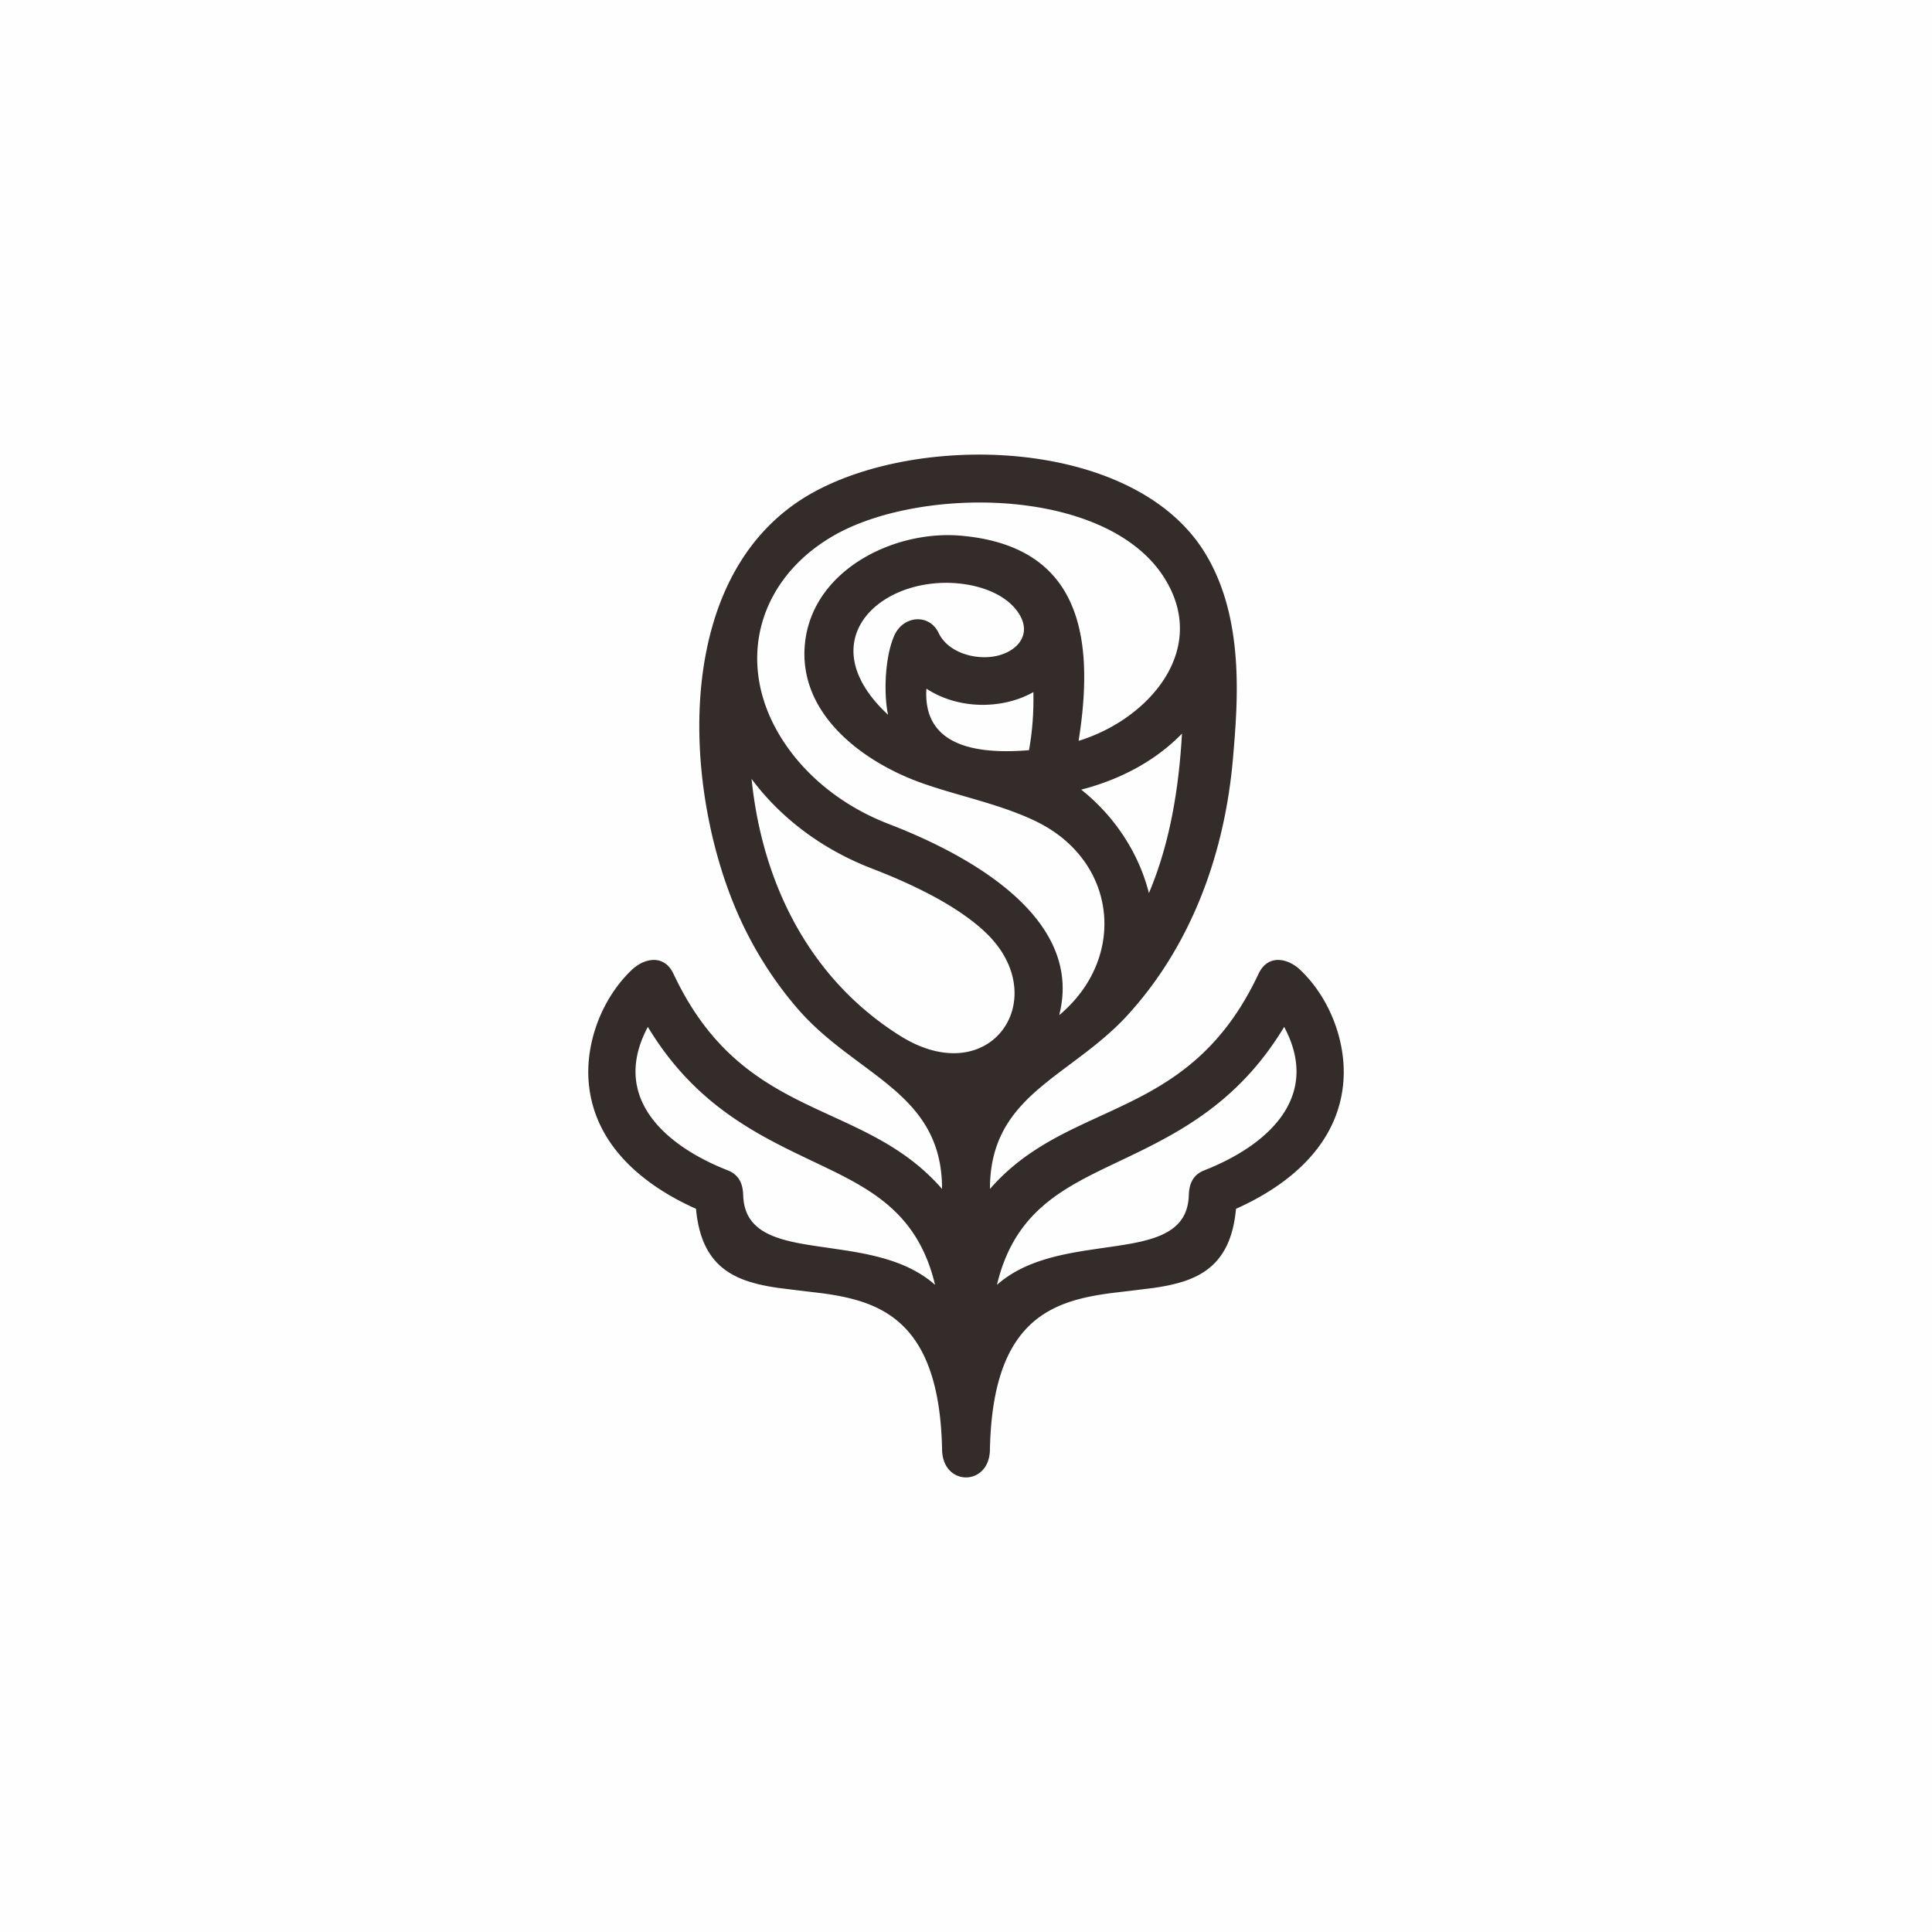 Flower logo design template. Rose flower | Flower logo ...